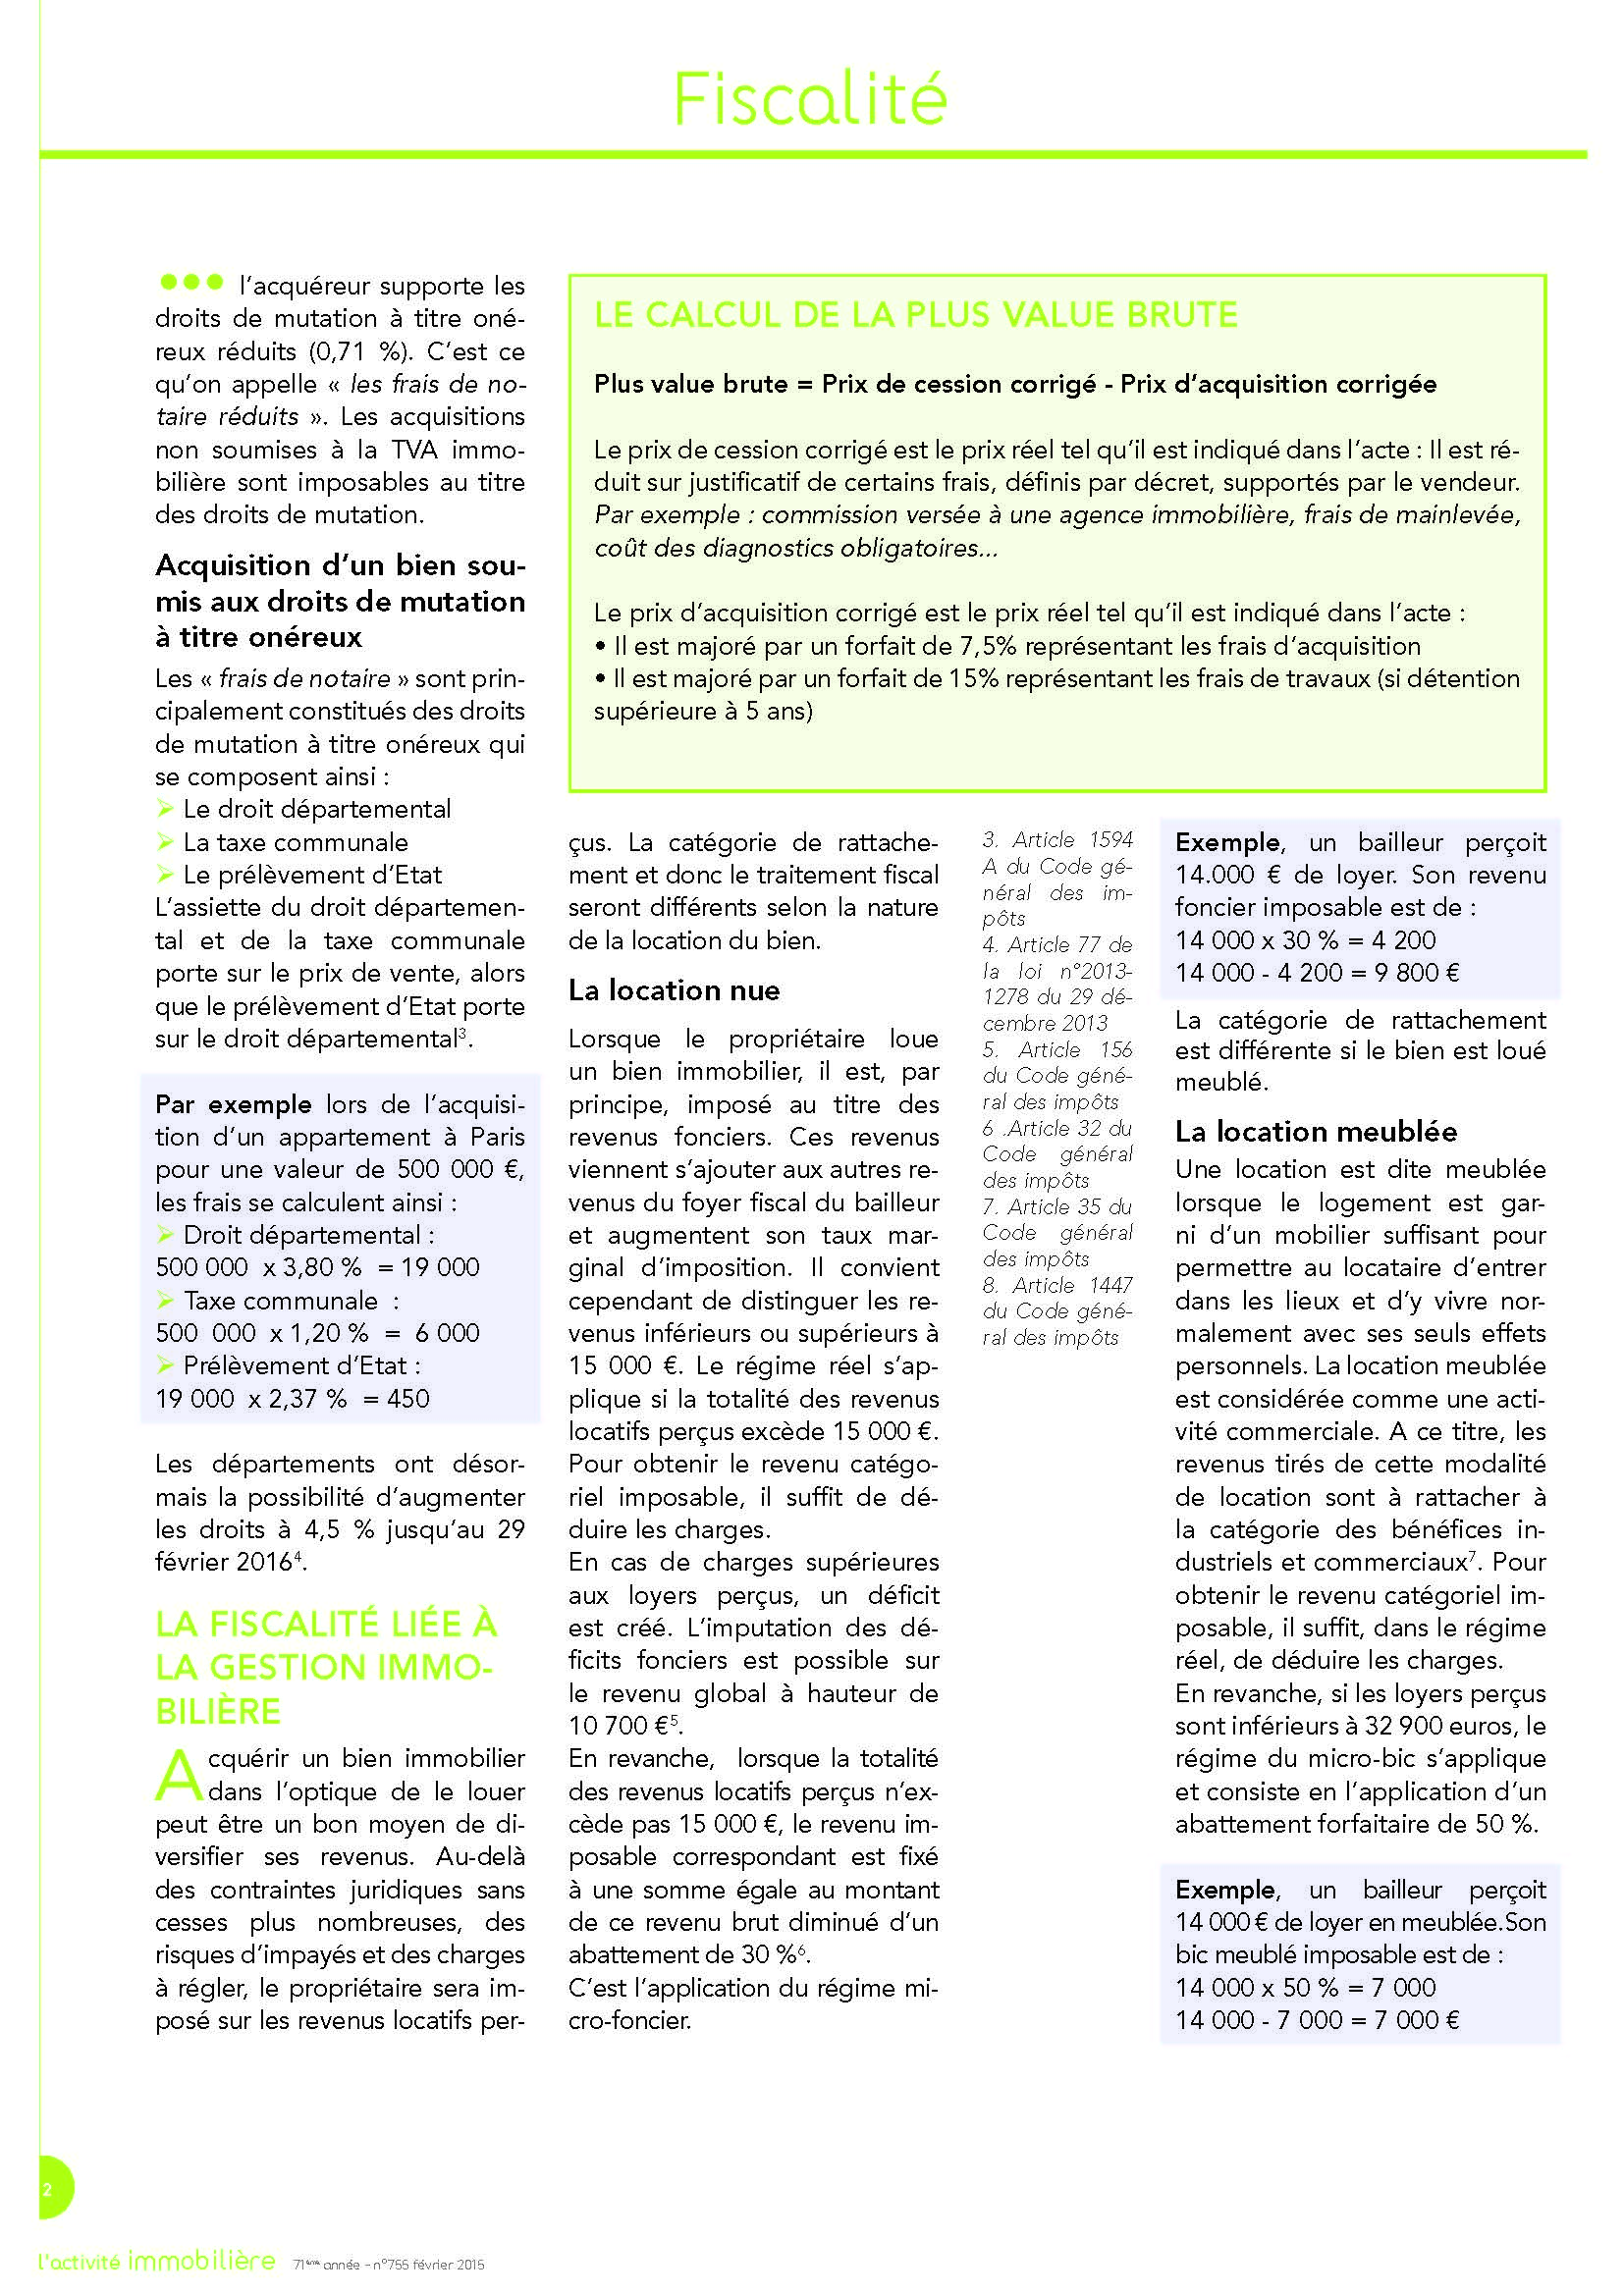 2. la fiscalité de l'immobilier_Page_2